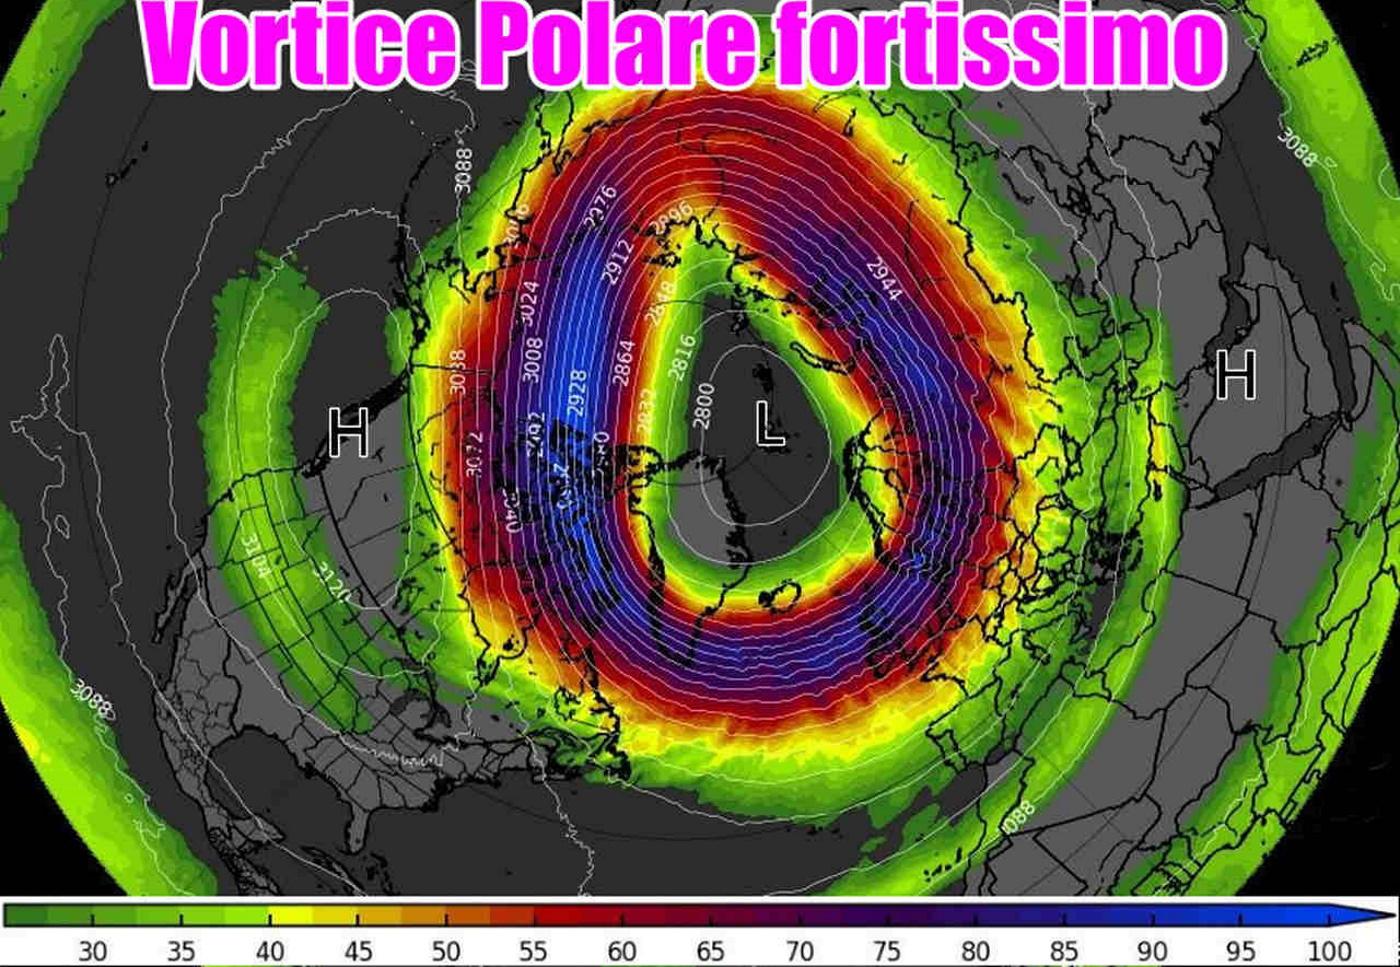 Previsioni inverno 2022 con il vortice polare